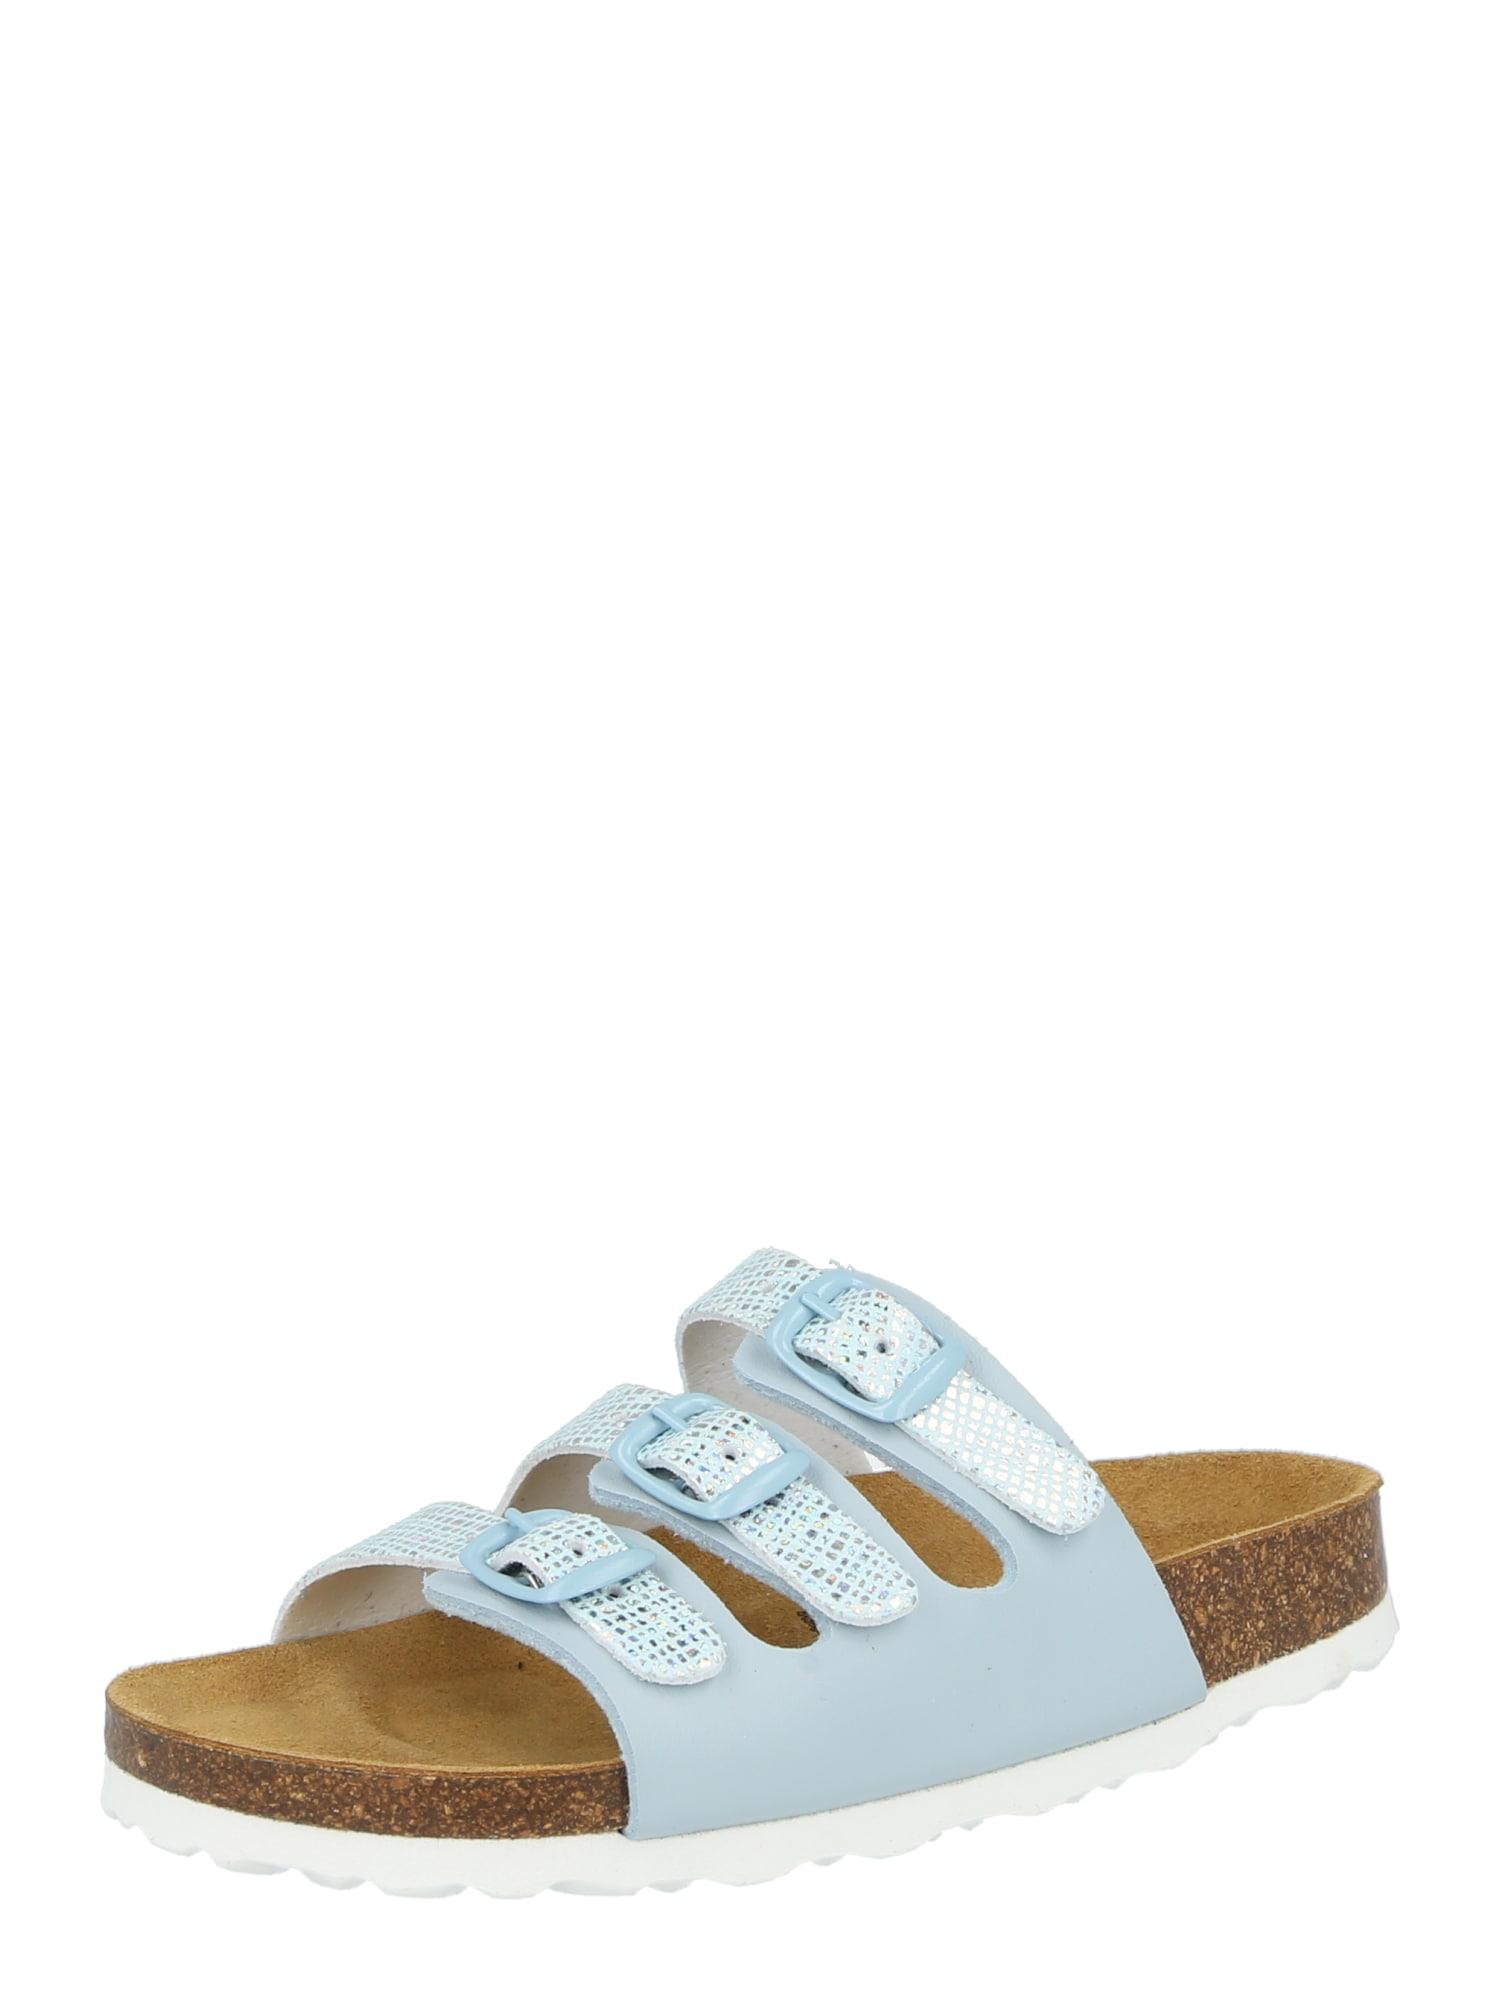 LICO Sandalai mėlyna dūmų spalva